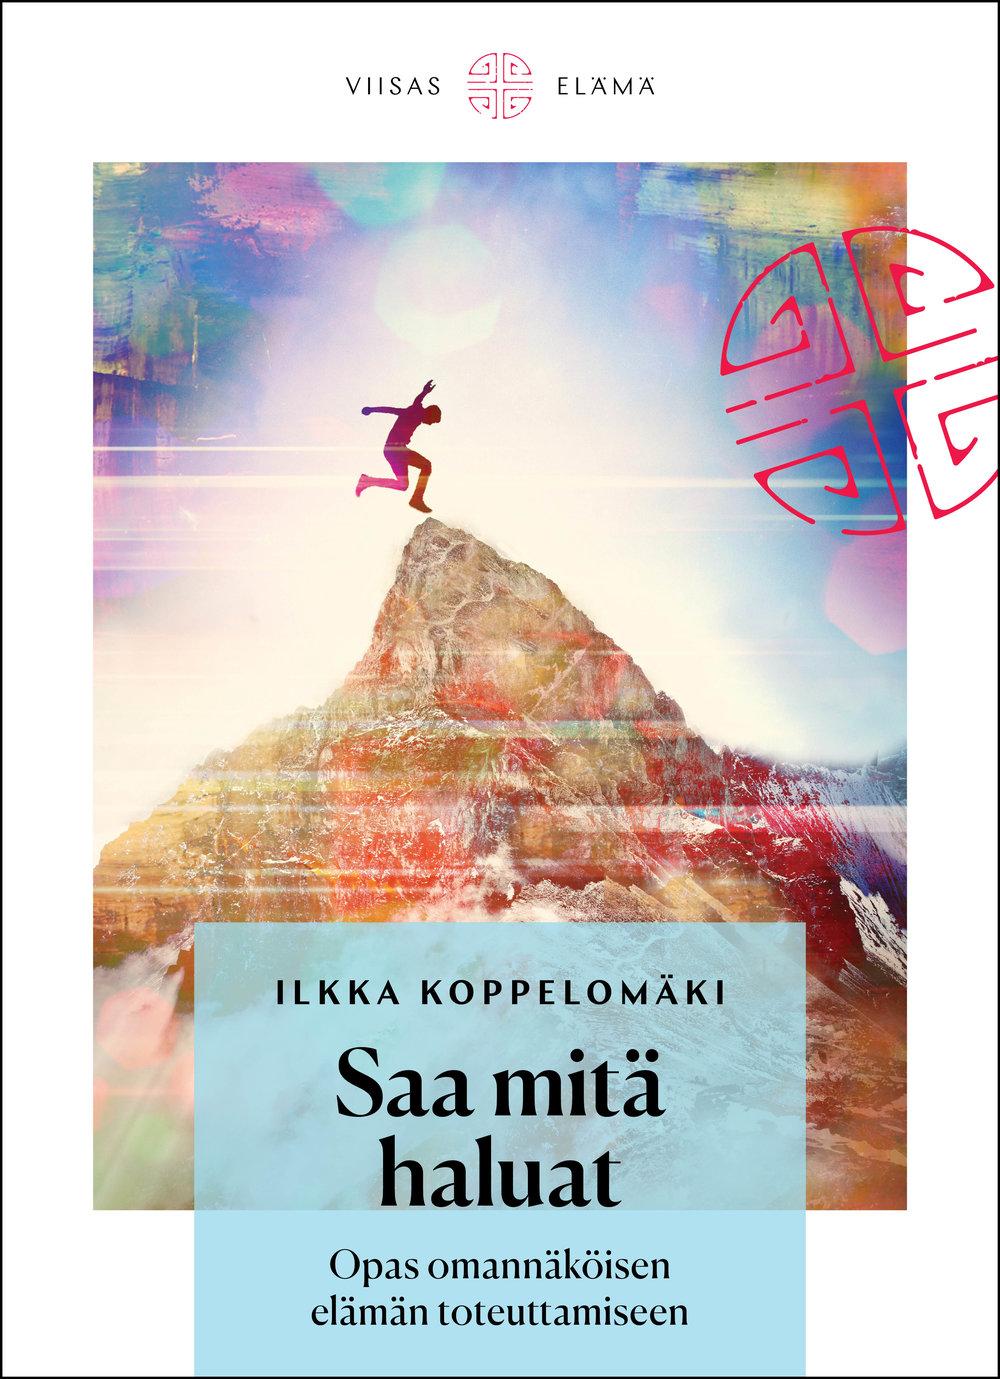 saa-mitä-haluat-2018-kansi.jpg